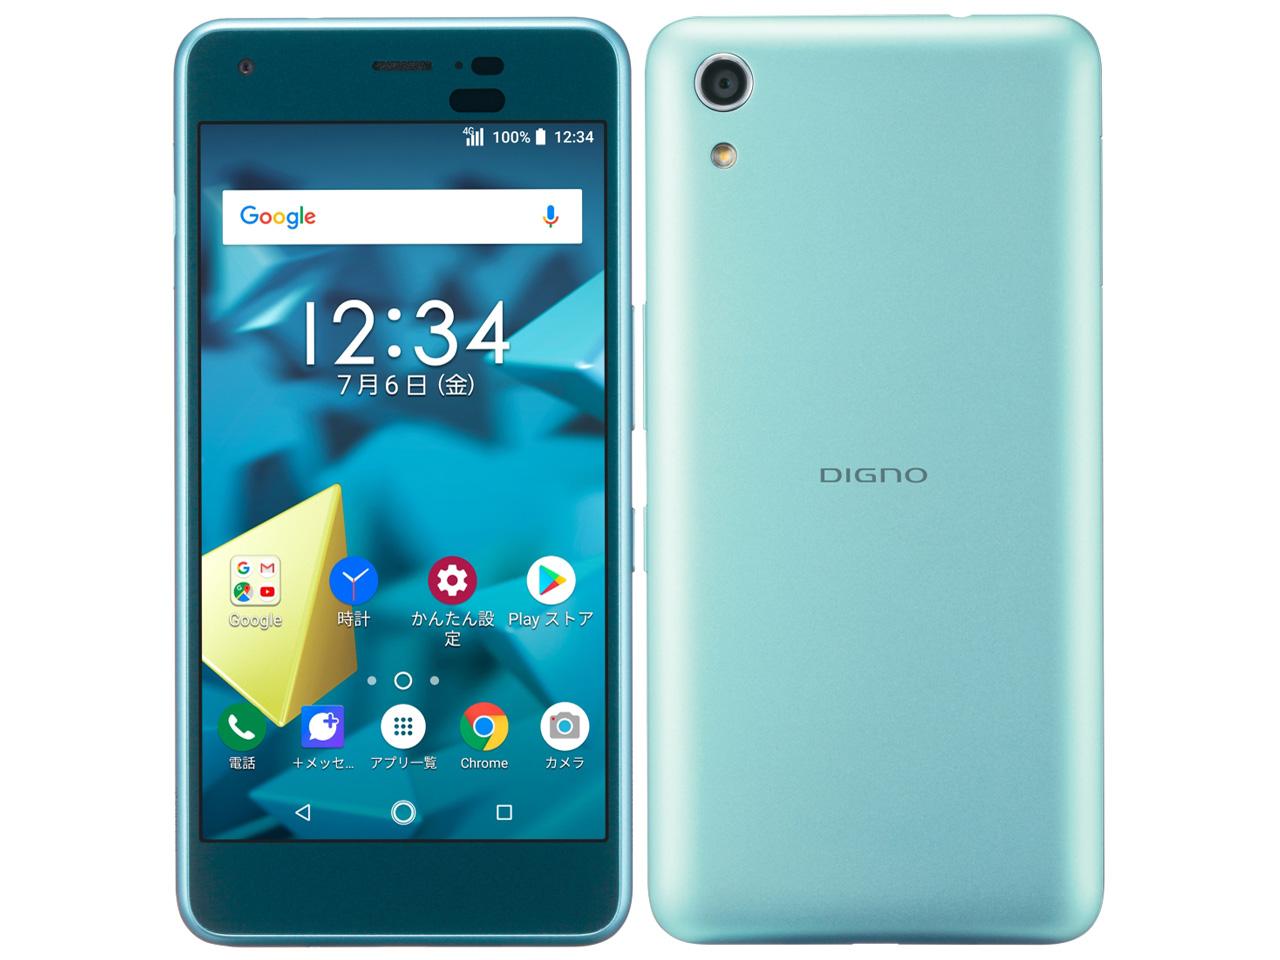 【新品・白ロム・本体】SIMロック解除済SoftBank DIGNO J 704KC アクアブルー スマートフォン 携帯電話 DIGNOJ704kc